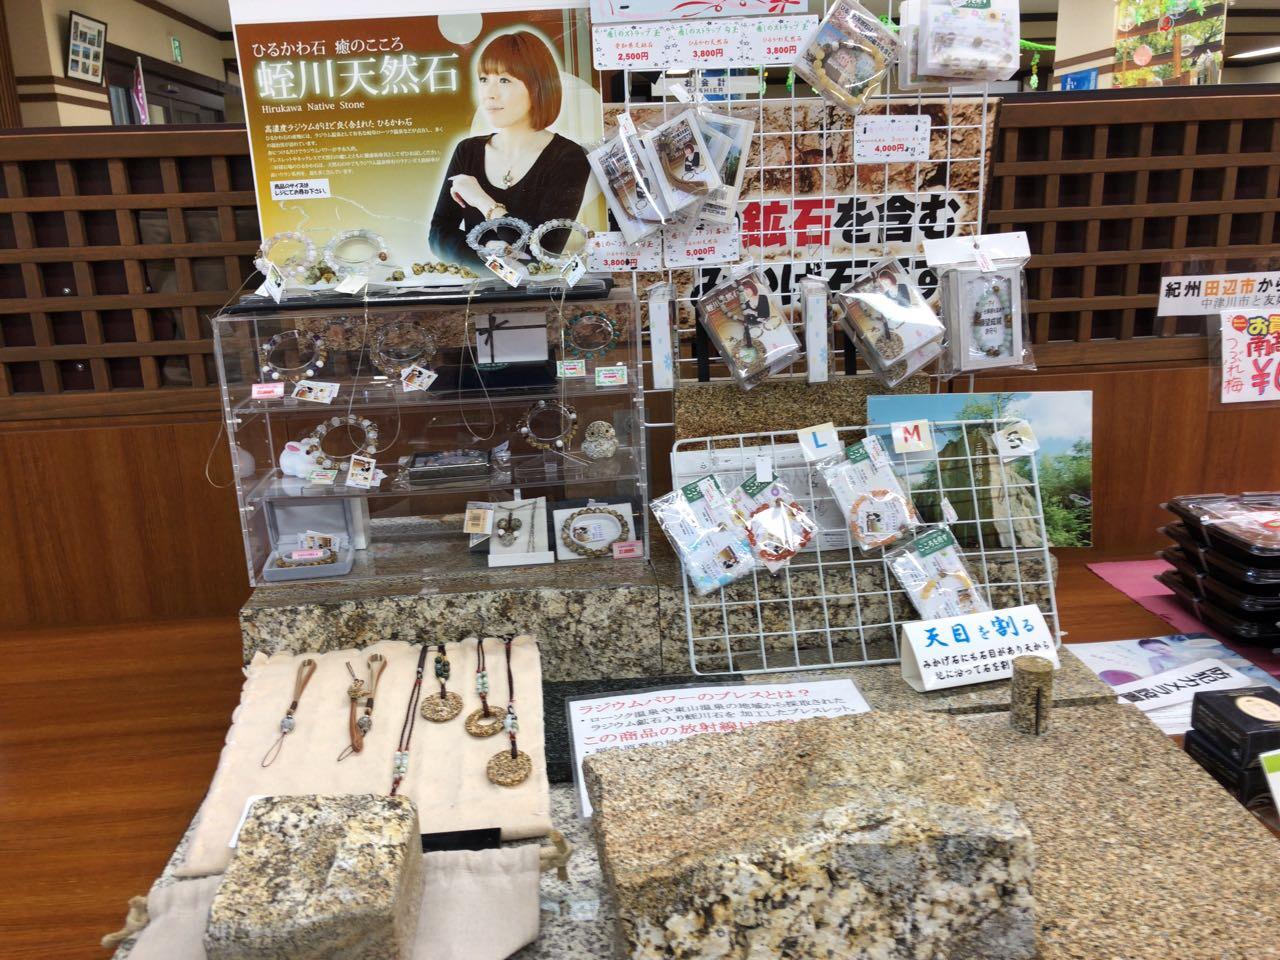 にぎわい特産館天然石